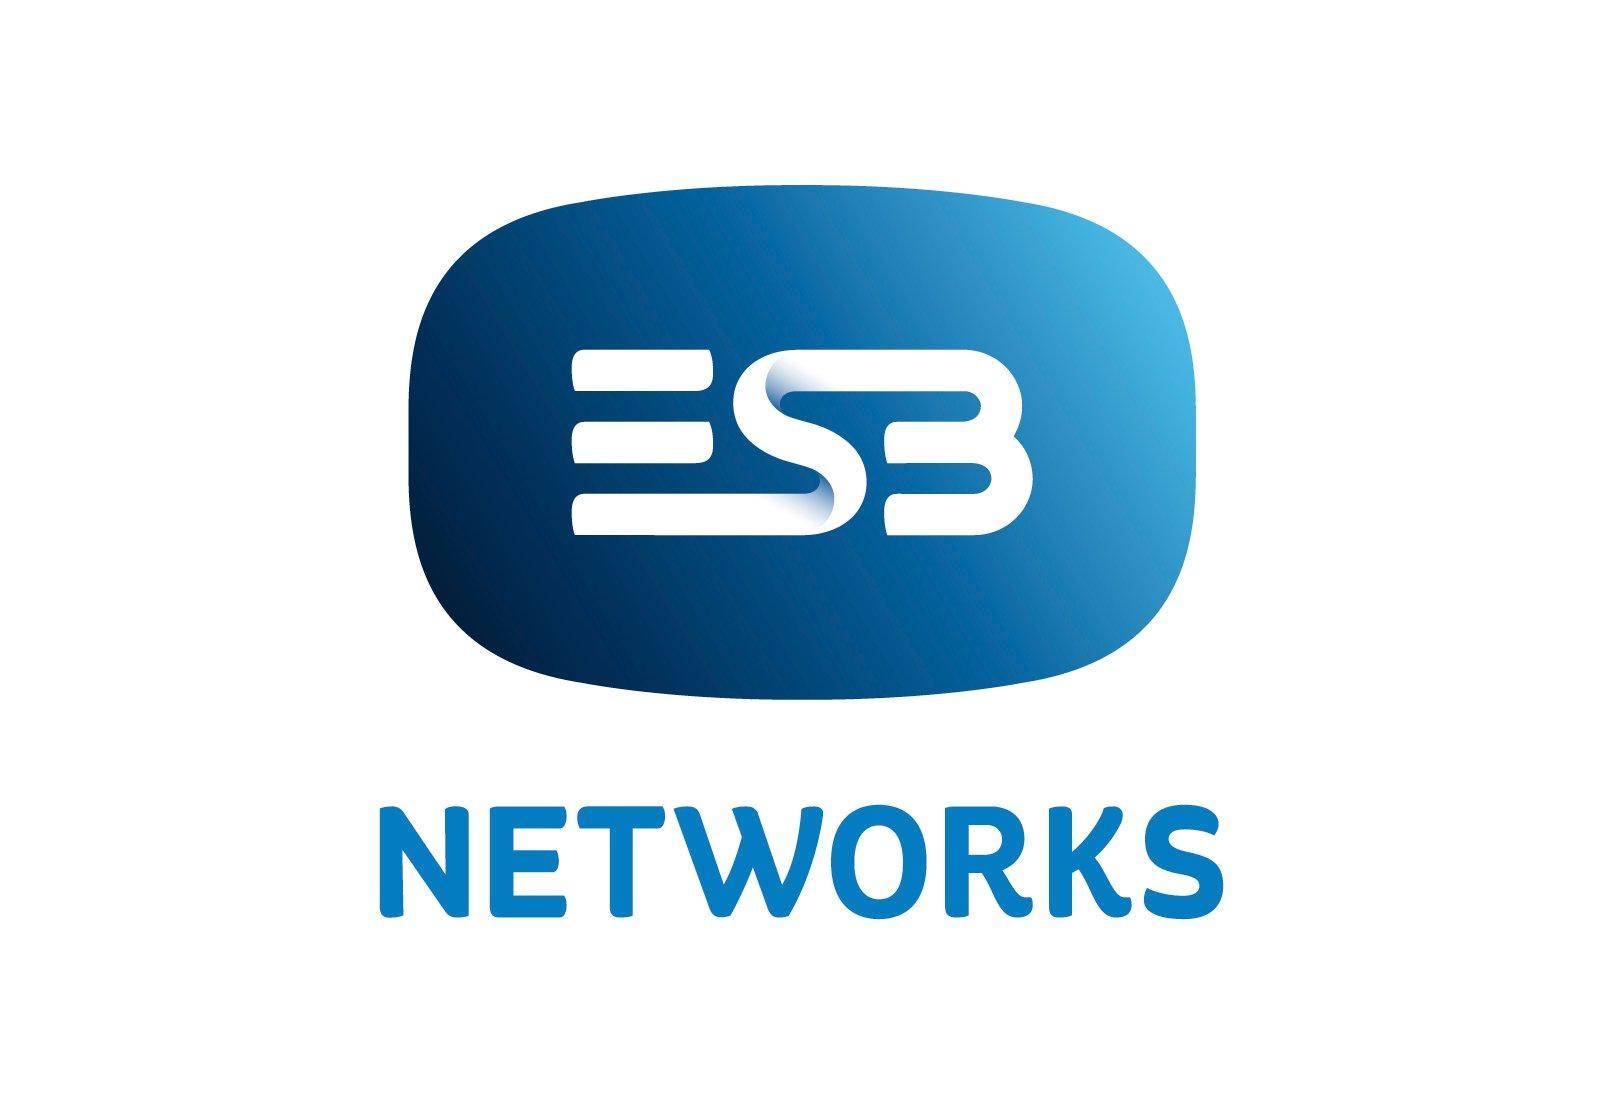 Logo der Ladekarte von ESB E-card